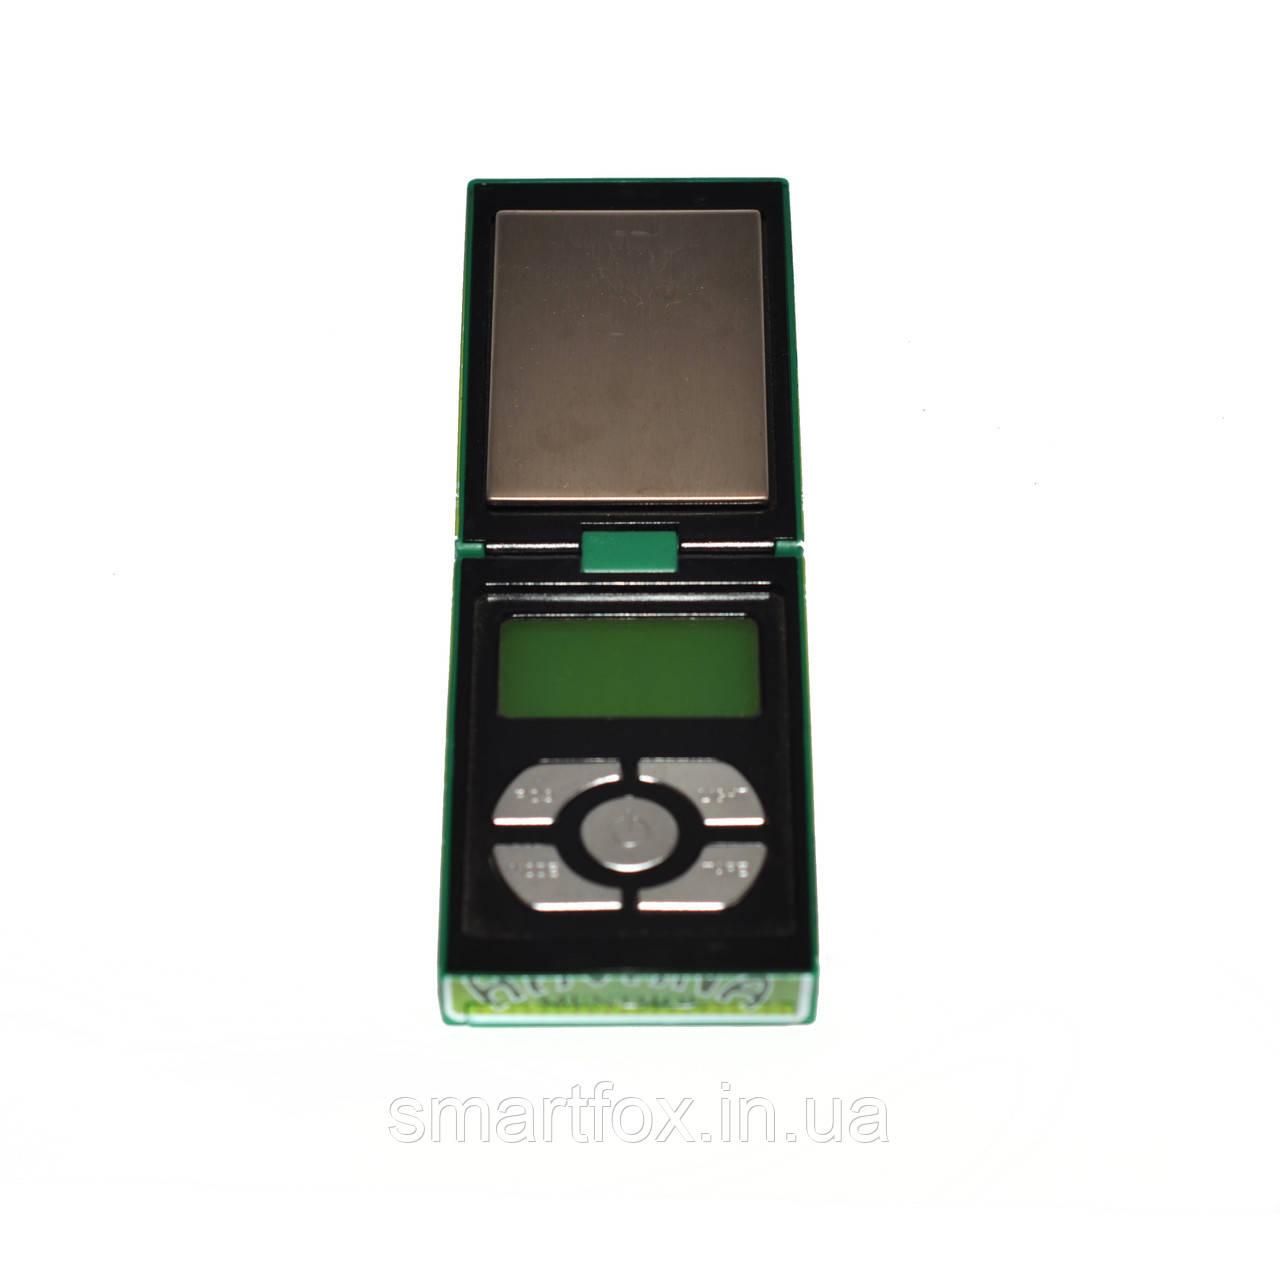 Весы ювелирные CG2-100 до 0.1 кг